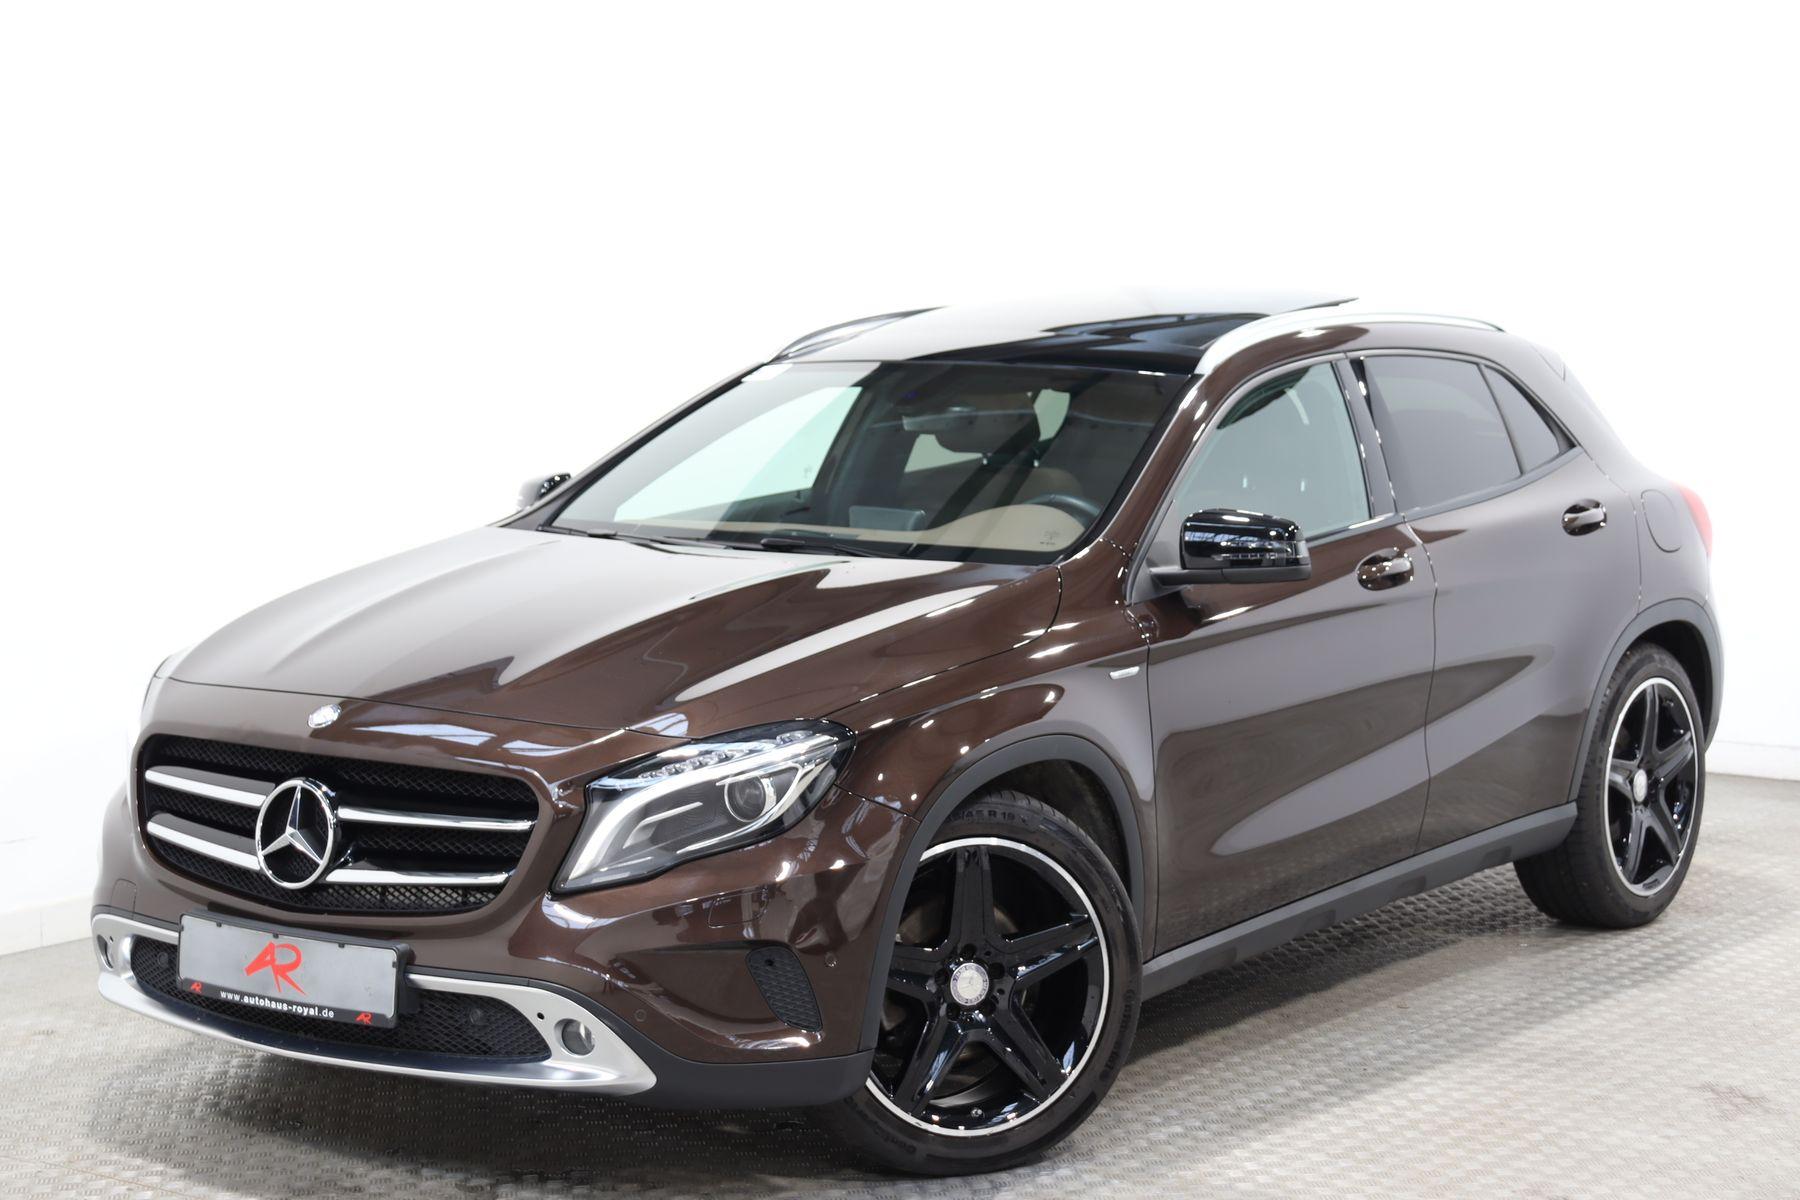 Mercedes-Benz GLA 220 d 4M EDITION 1 AMG 18Z. EXKLUSIV,OFFROAD, Jahr 2014, Diesel